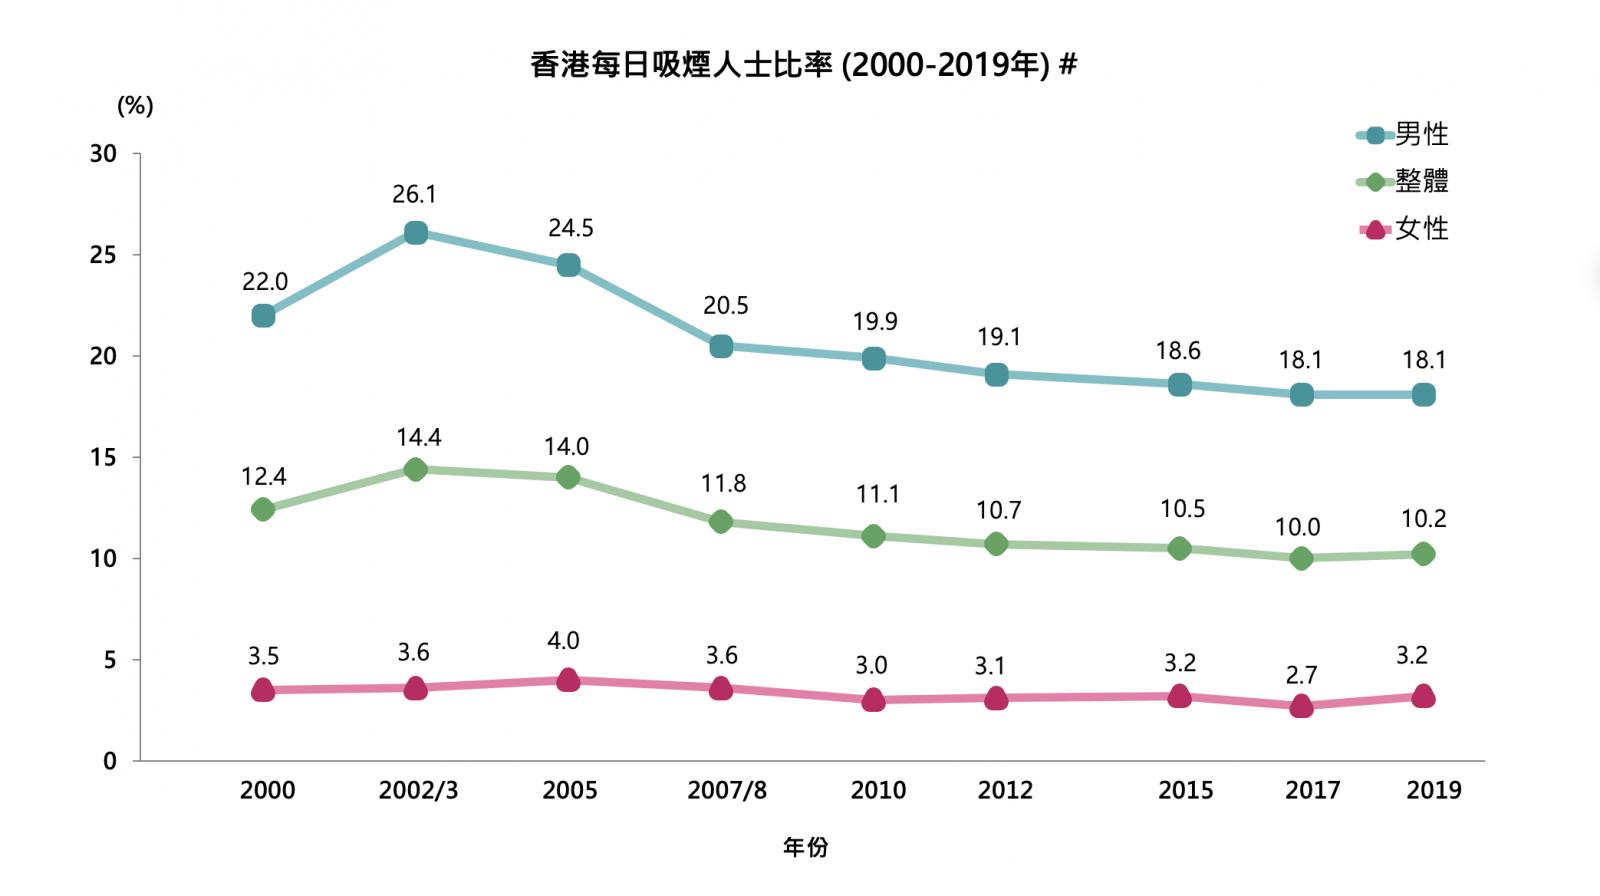 香港每日吸煙人士比率 (2000-2019年) #